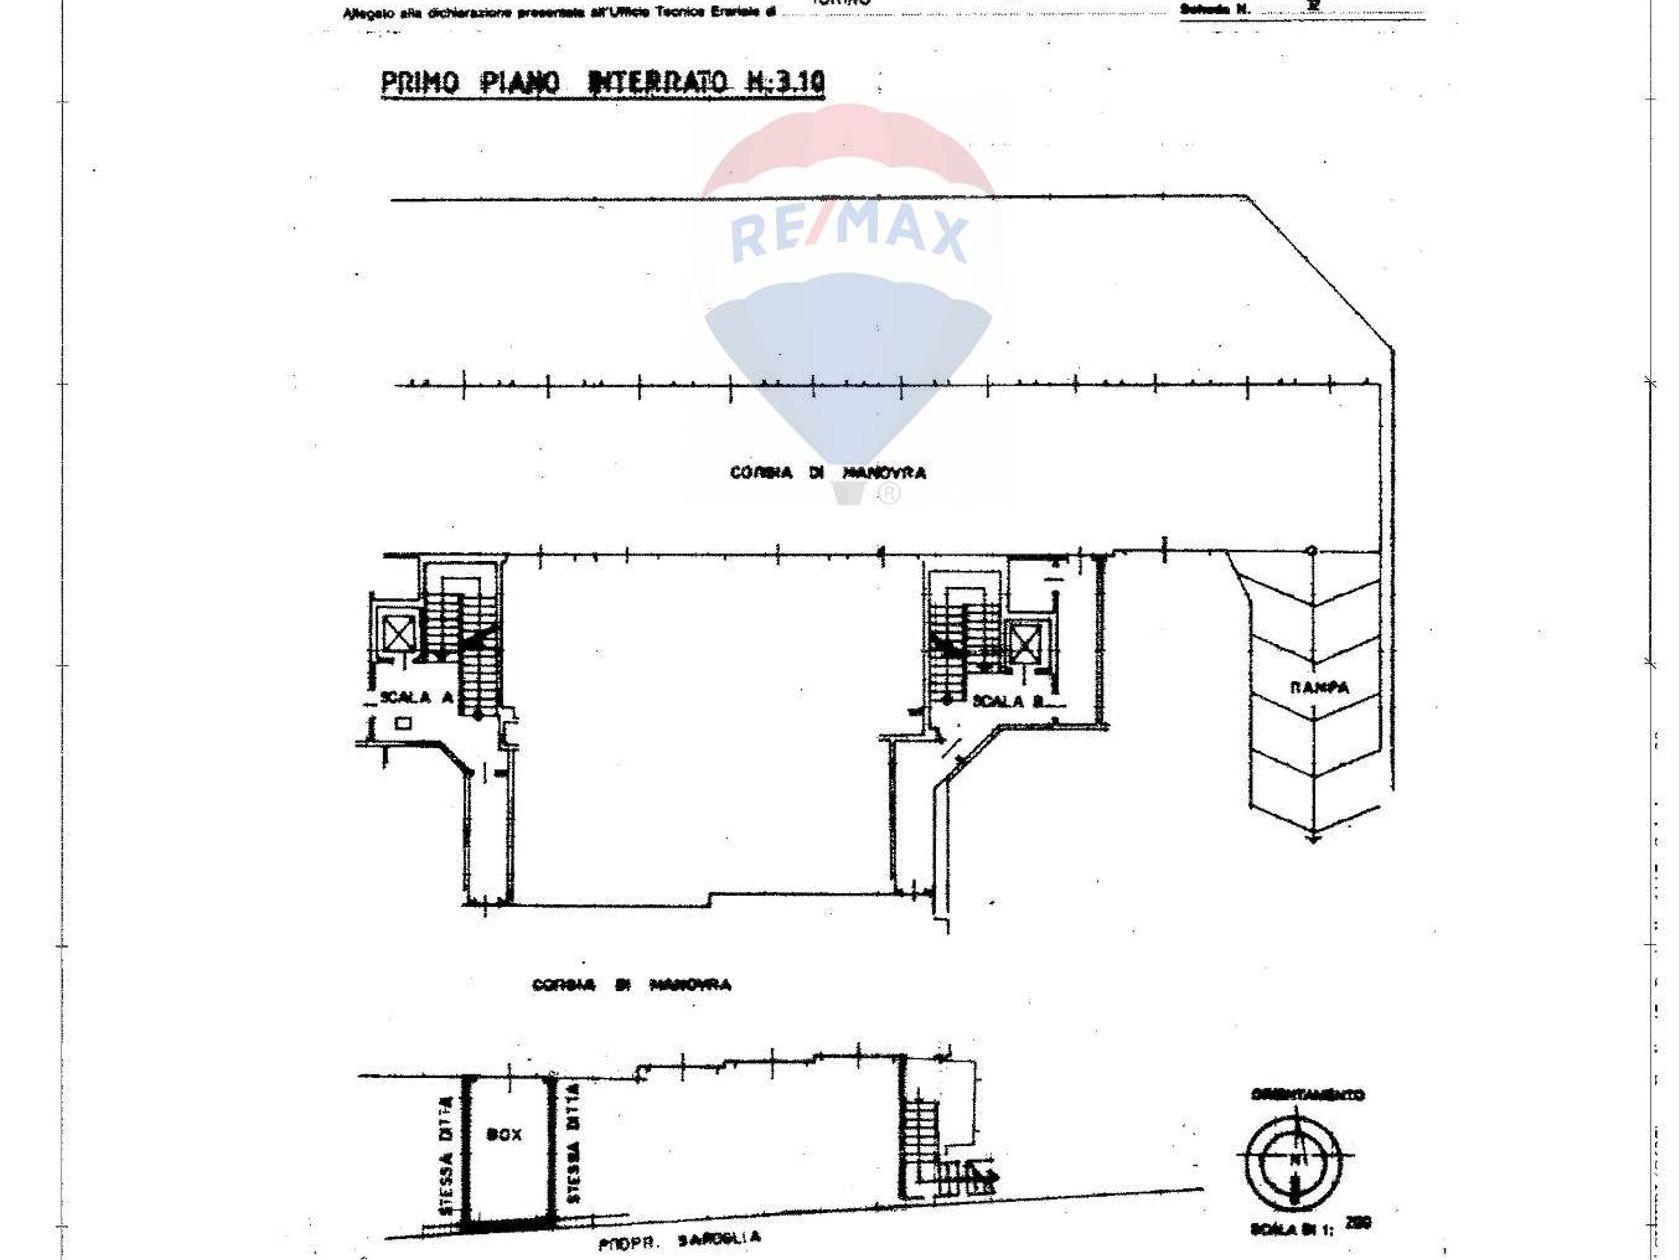 Appartamento Chieri, TO Vendita - Planimetria 2